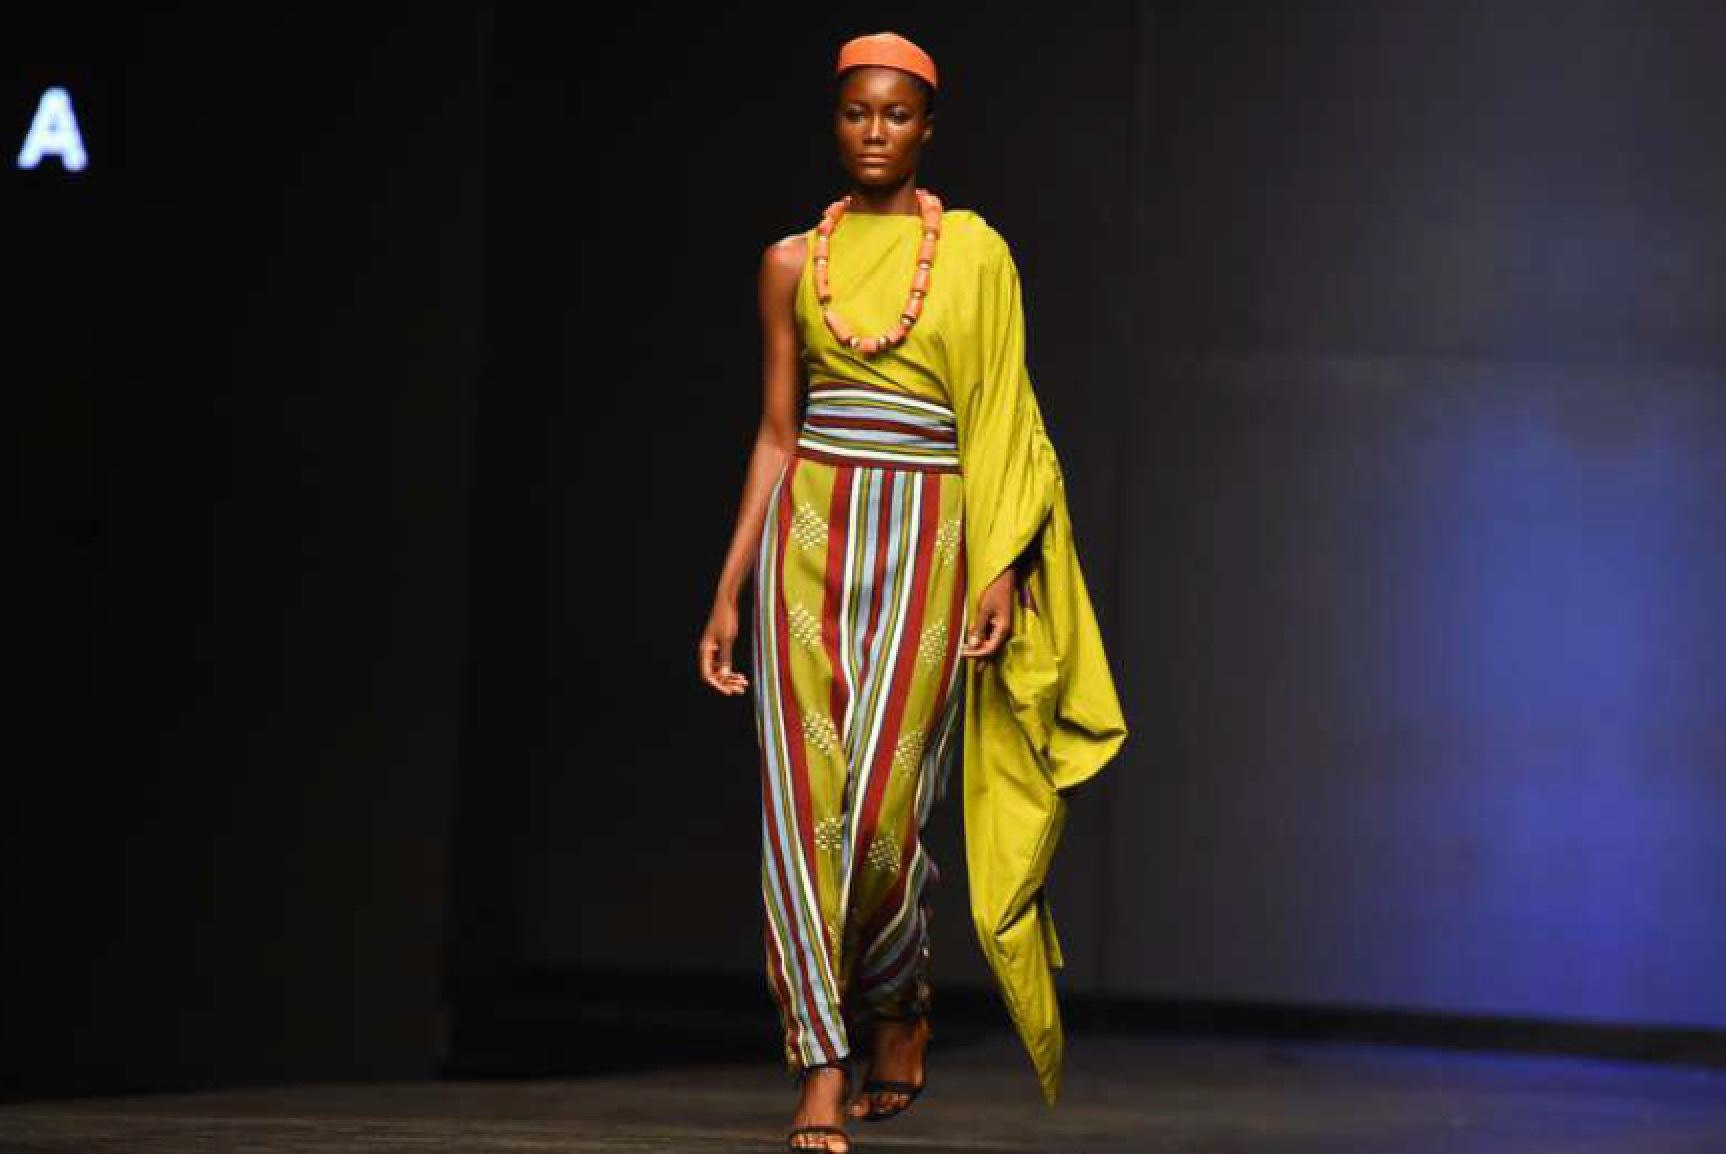 Bild från TT. Modeveckan i Lagos. Designern Cynthia Abila visade upp en mix av moderna och traditionella kläder.